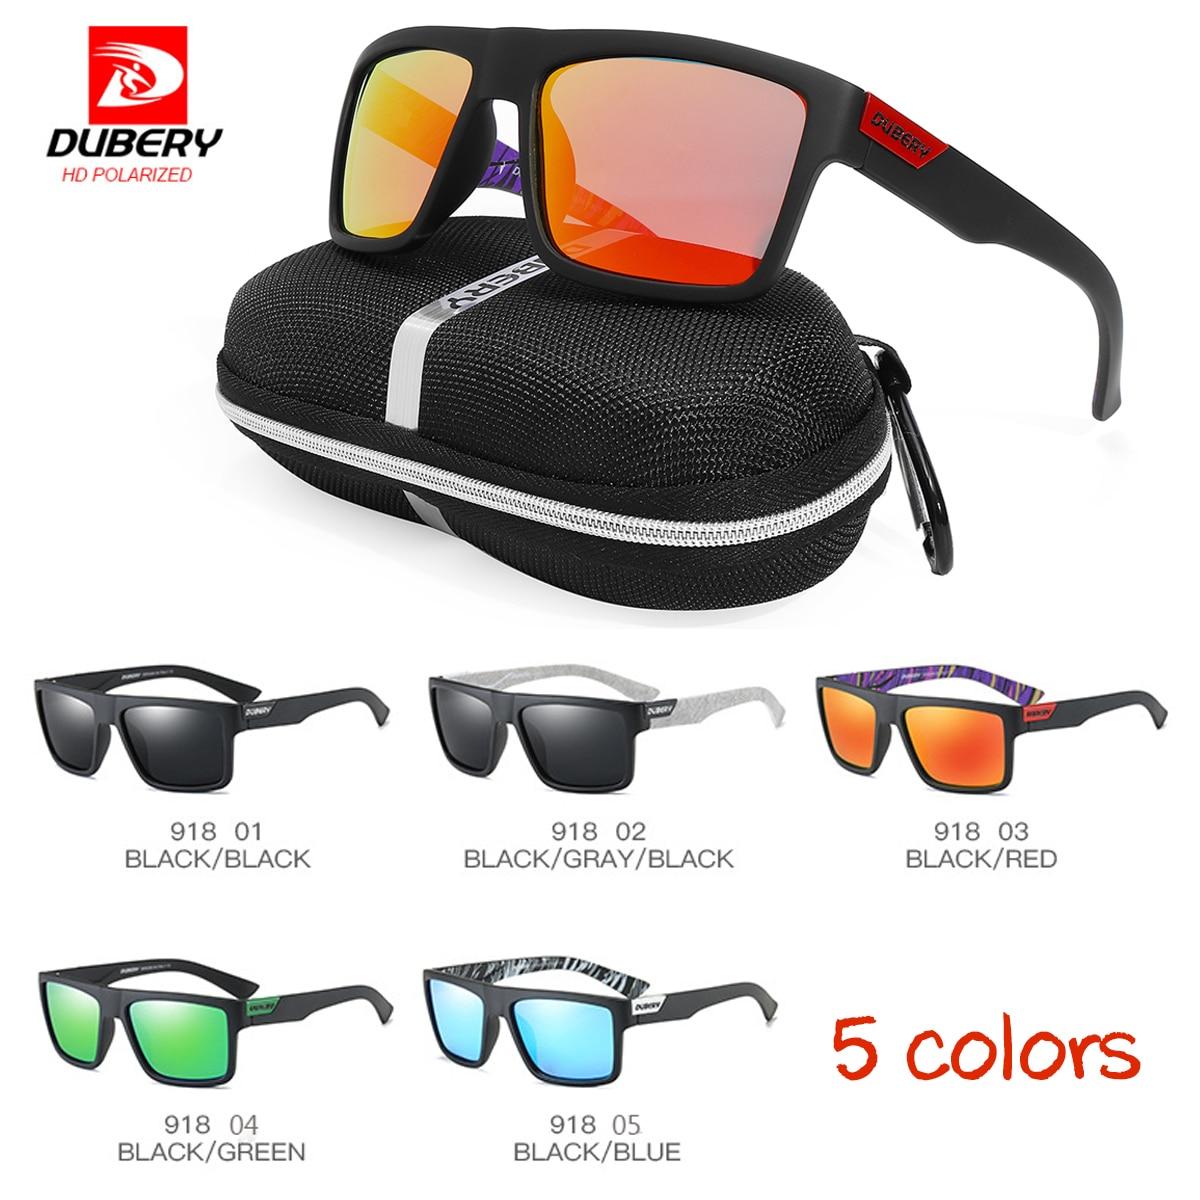 9054cf5fb7 Hombres deportes polarizadas gafas de sol Anti-reflejo UV400 ciclismo gafas  de conducción al aire